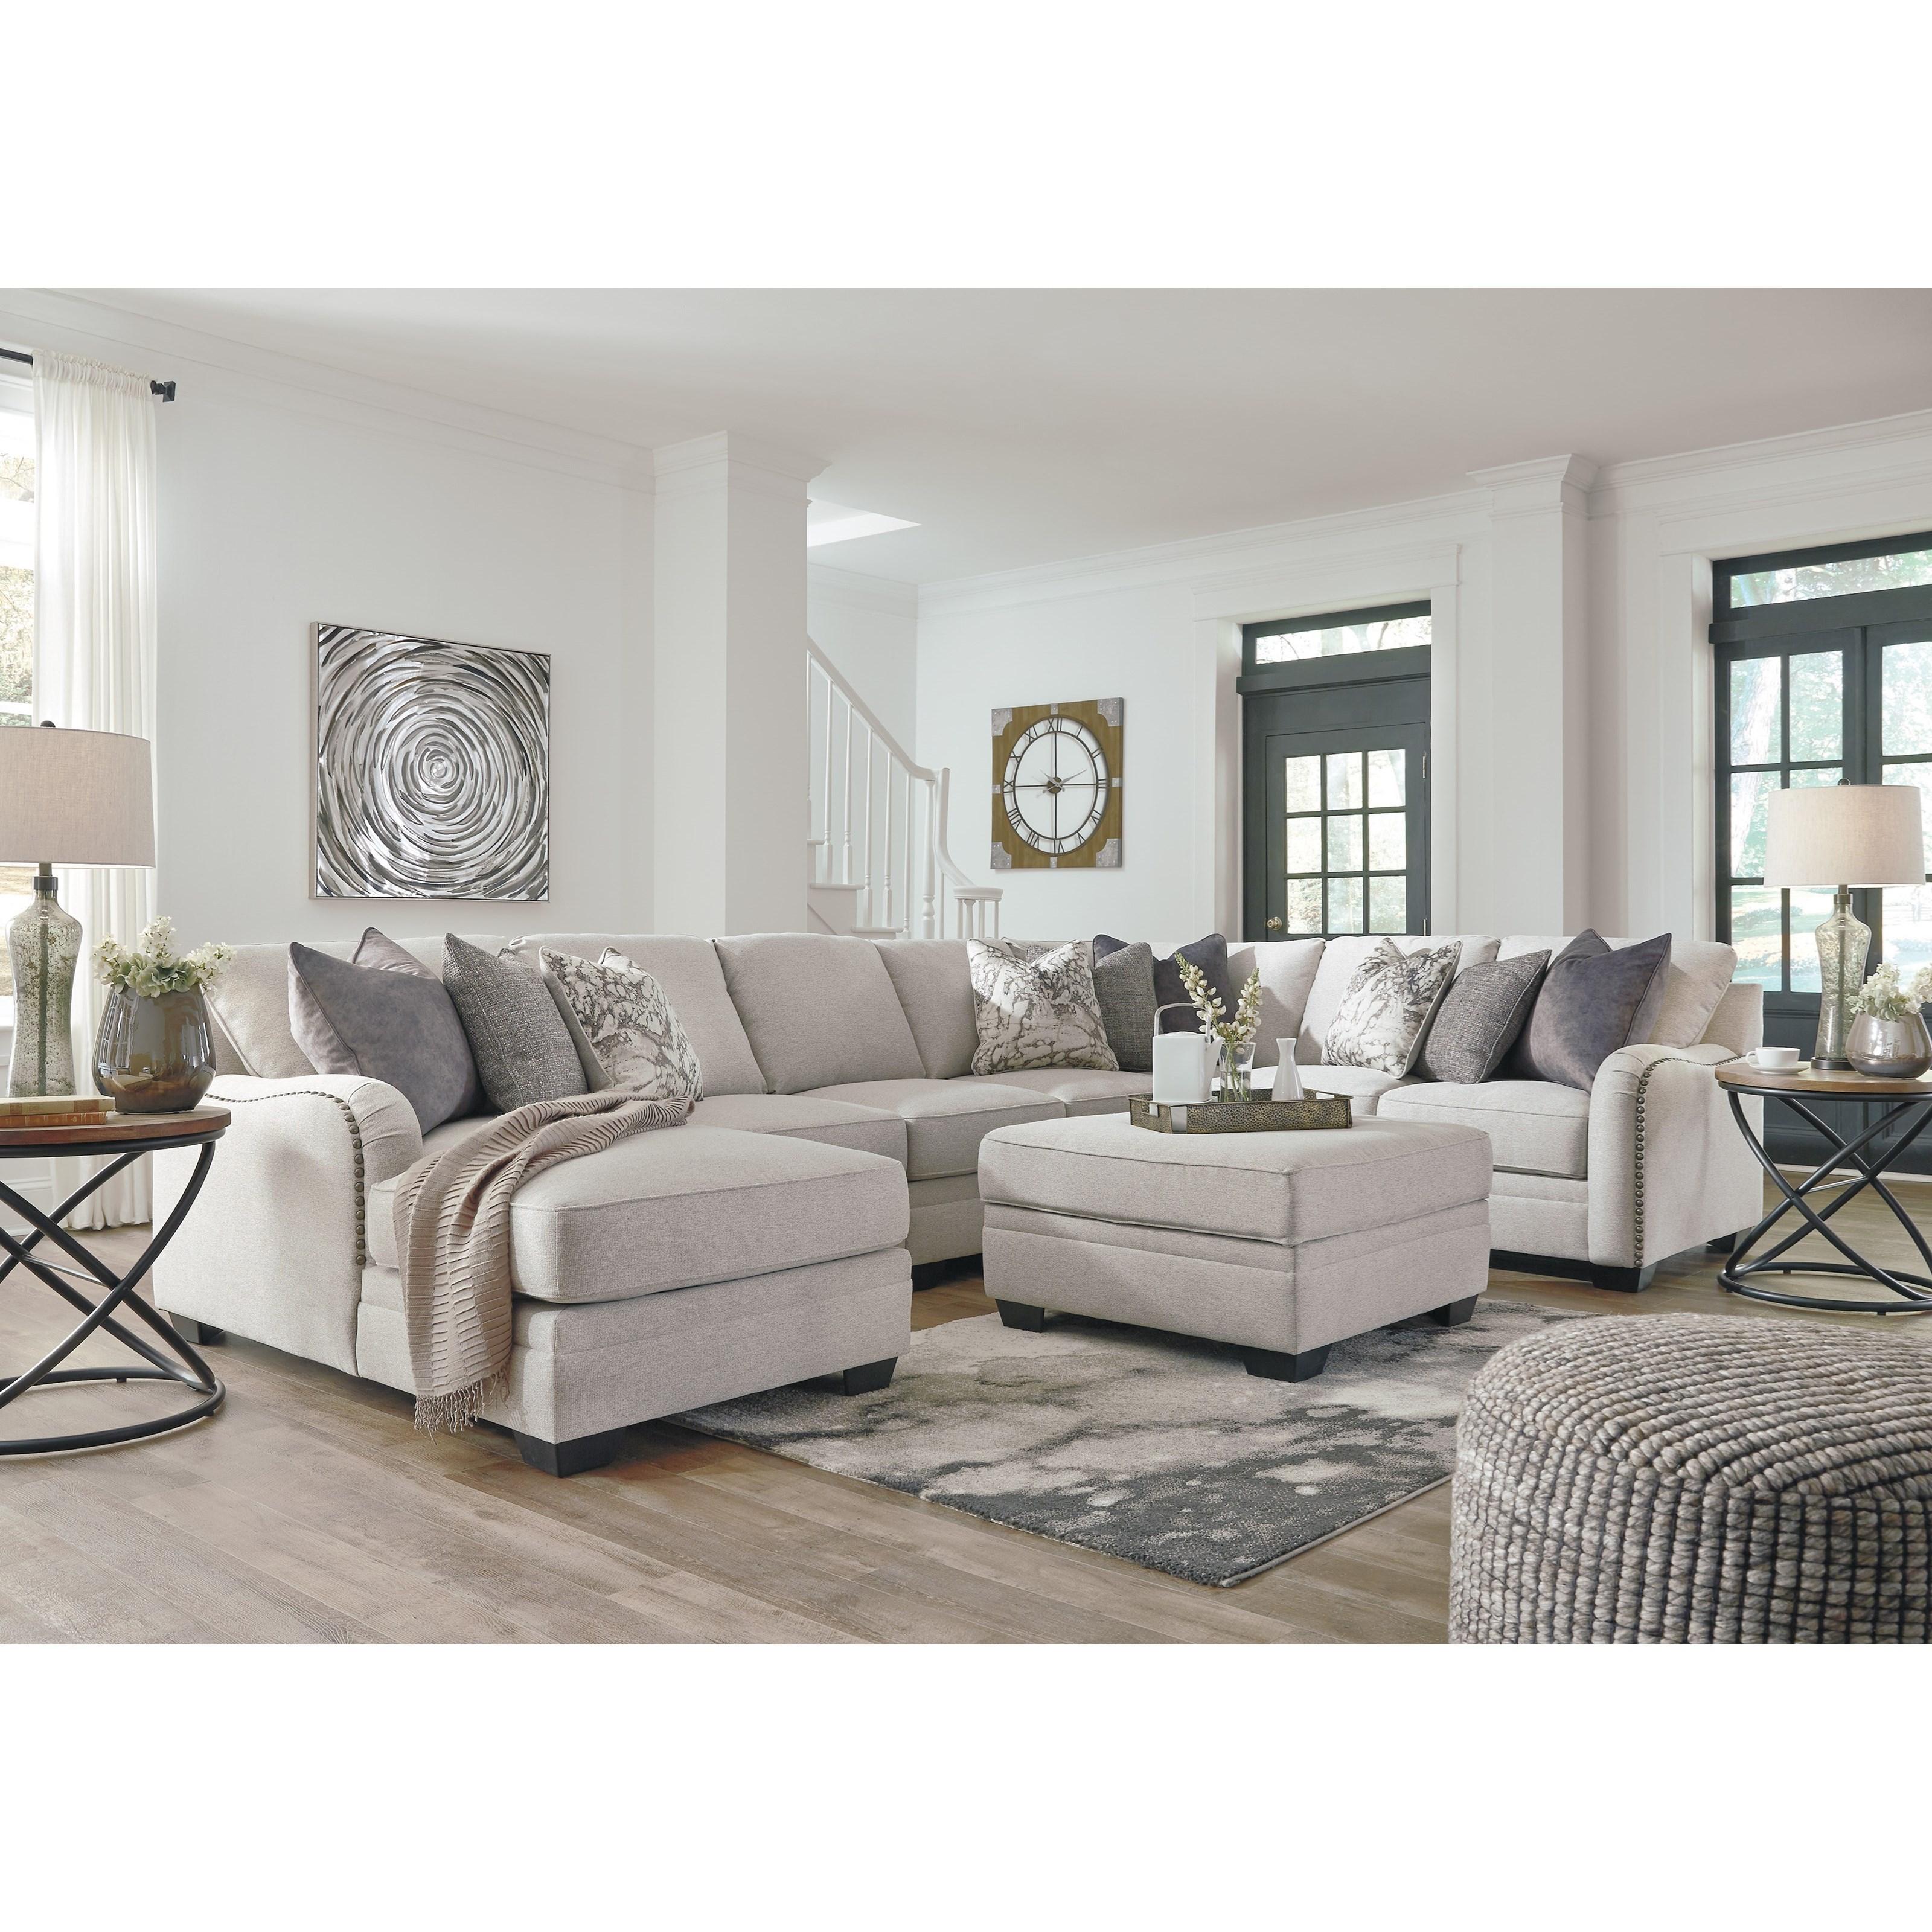 Benchcraft Dellara Stationary Living Room Group John V Schultz Furniture Stationary Living